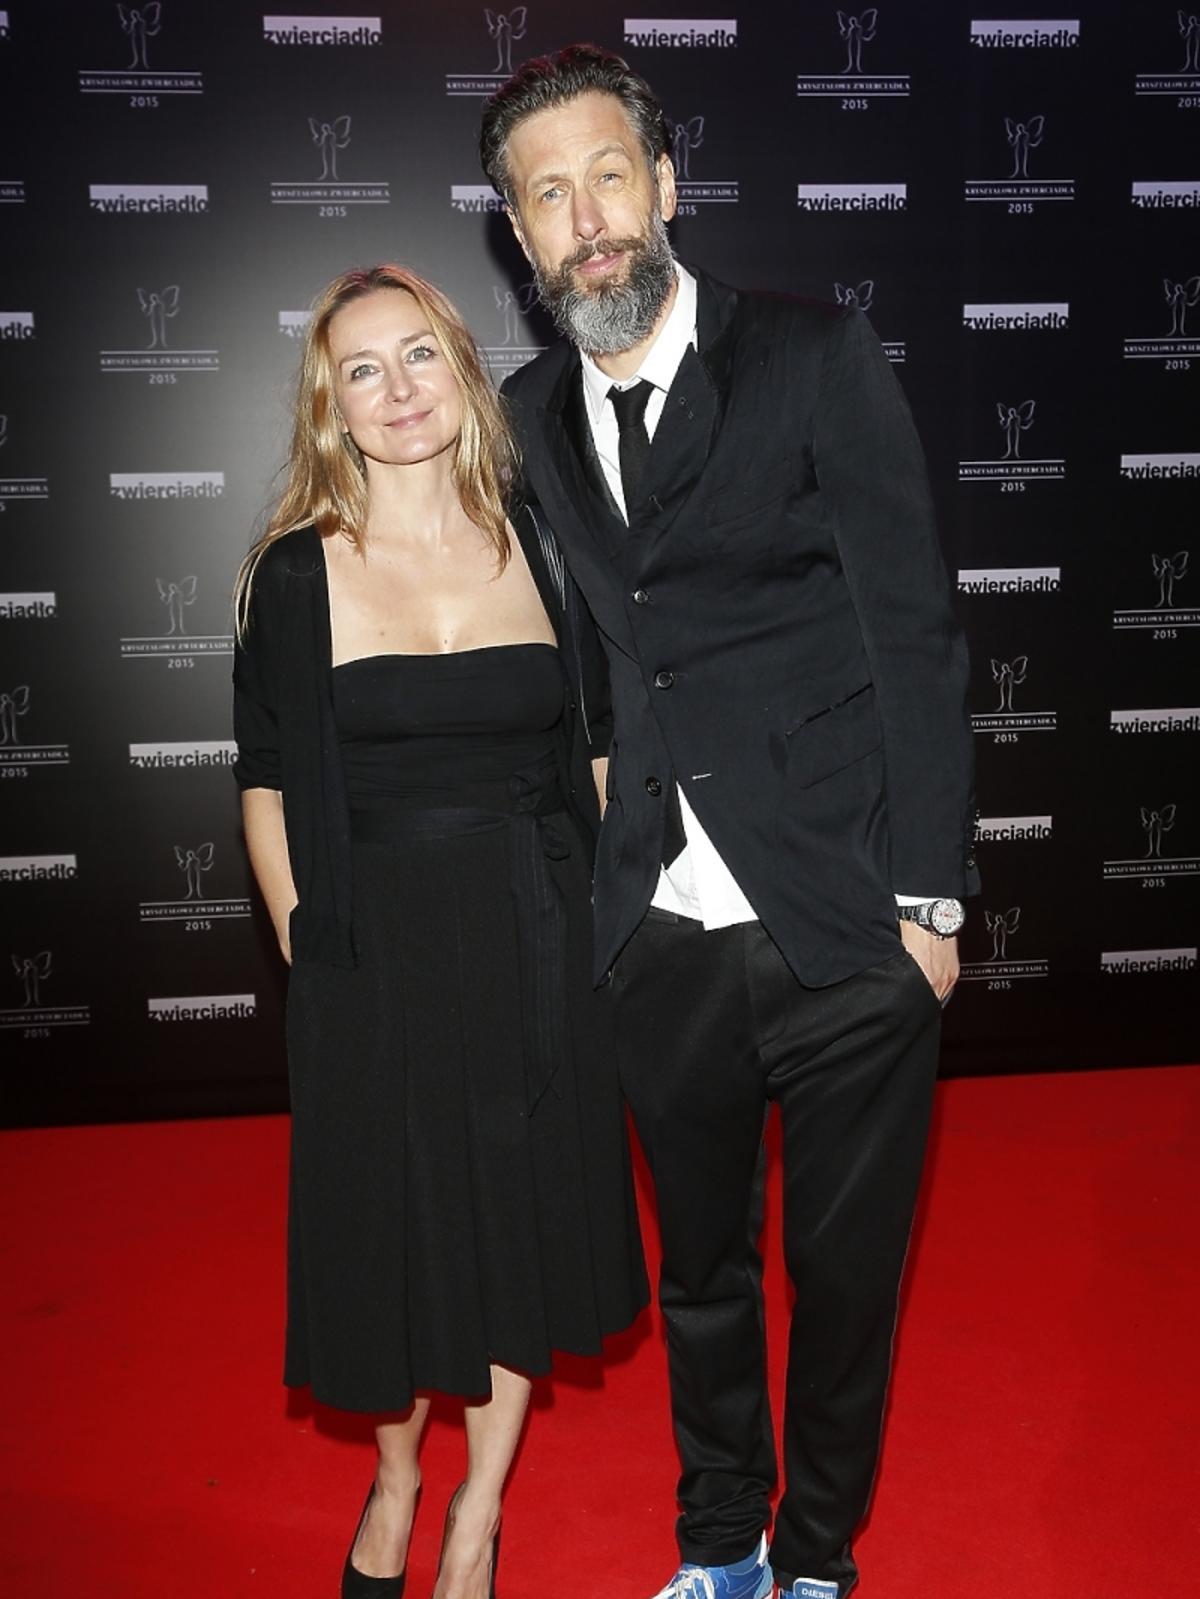 Szymon Majewski z żoną  na rozdaniu nagród Kryształowe Zwierciadła